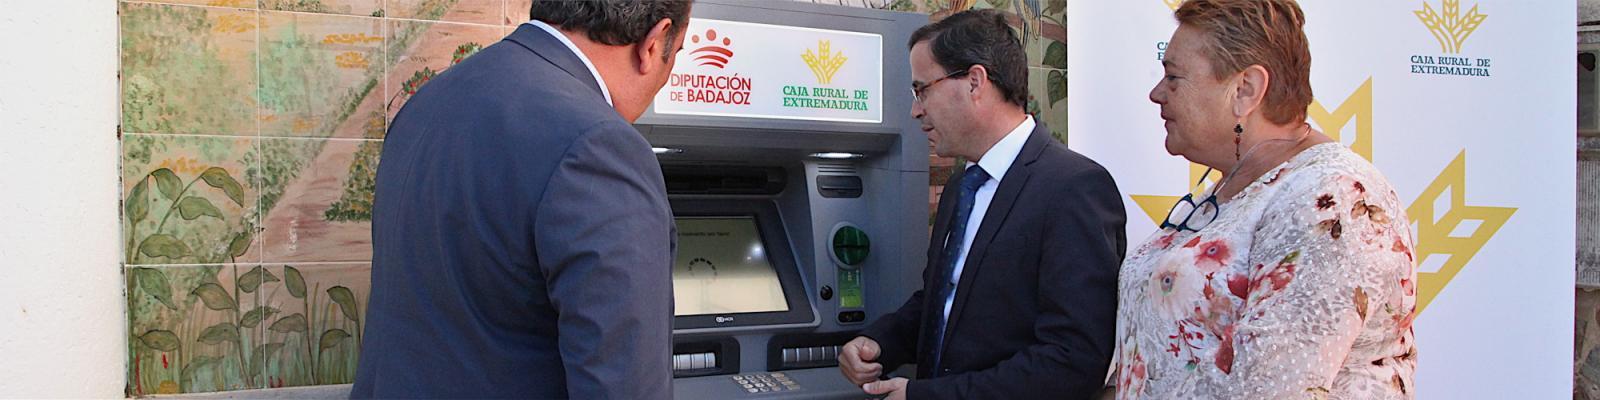 La provincia pacense figura entre las que cuentan con una mayor accesibilidad al dinero en efectivo  del país